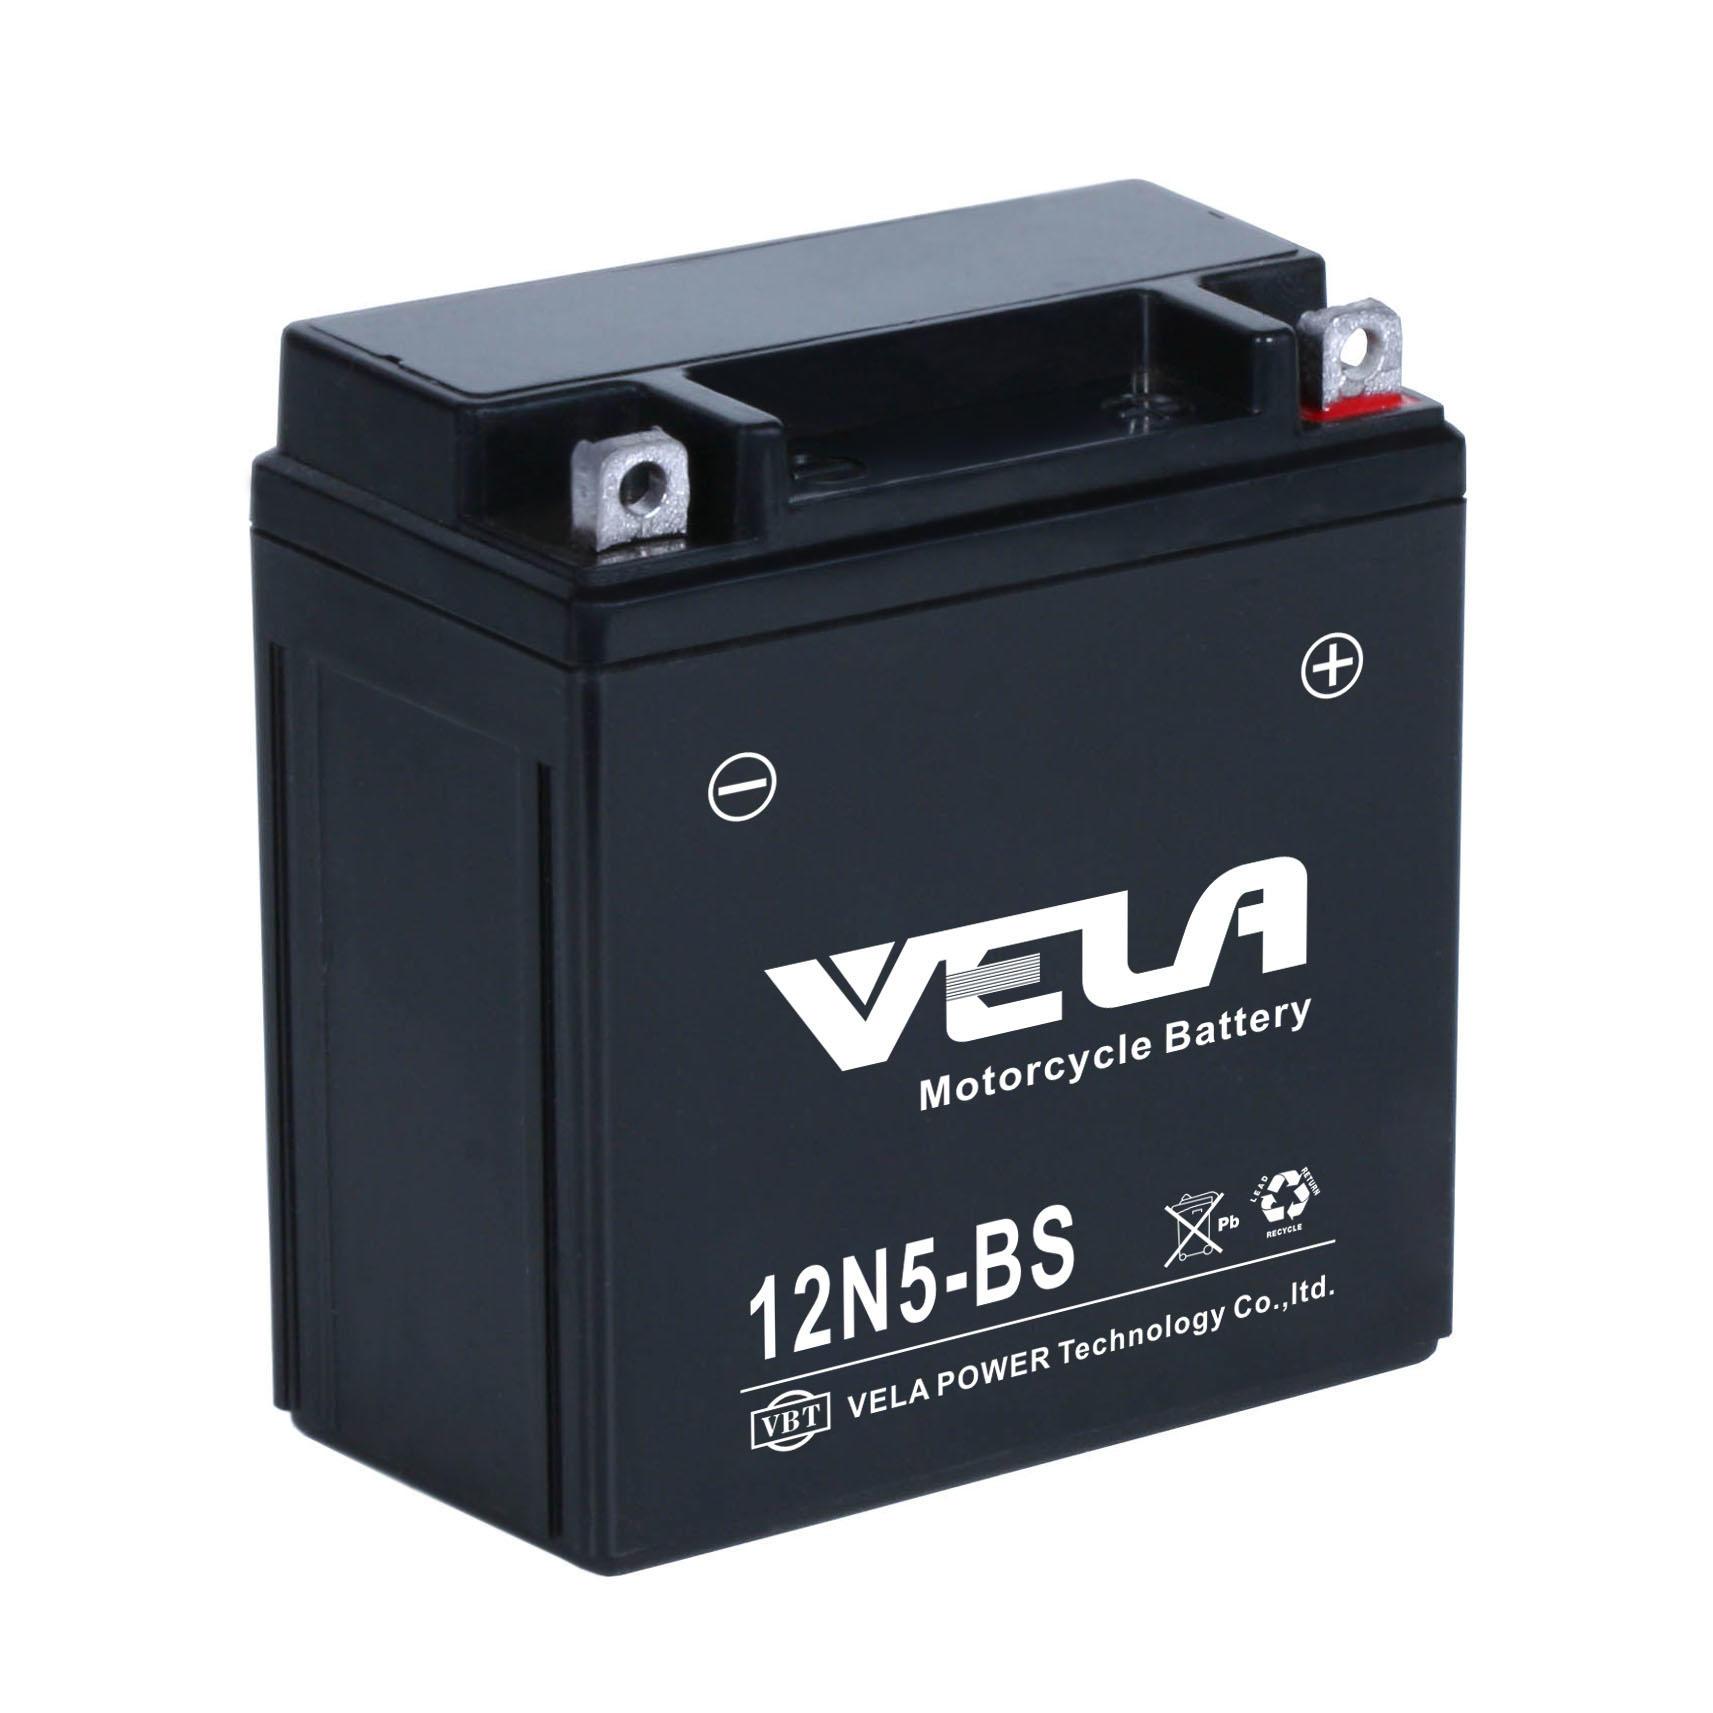 12n5-bs 12v5ah Rechargeable Lead Acid Motorcycle Battery